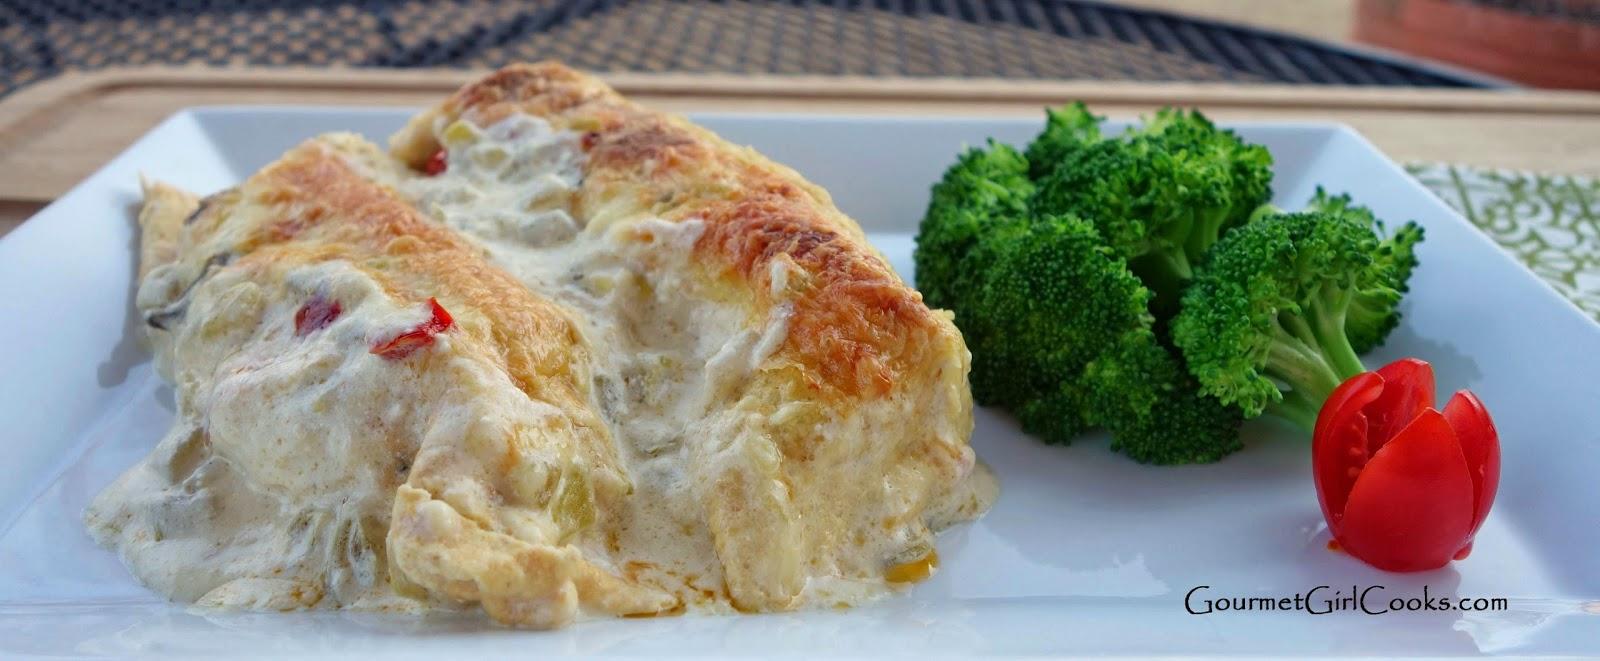 ... Chicken Enchilada Casserole -- Wheat/Grain-Free, Low Carb & Delicious